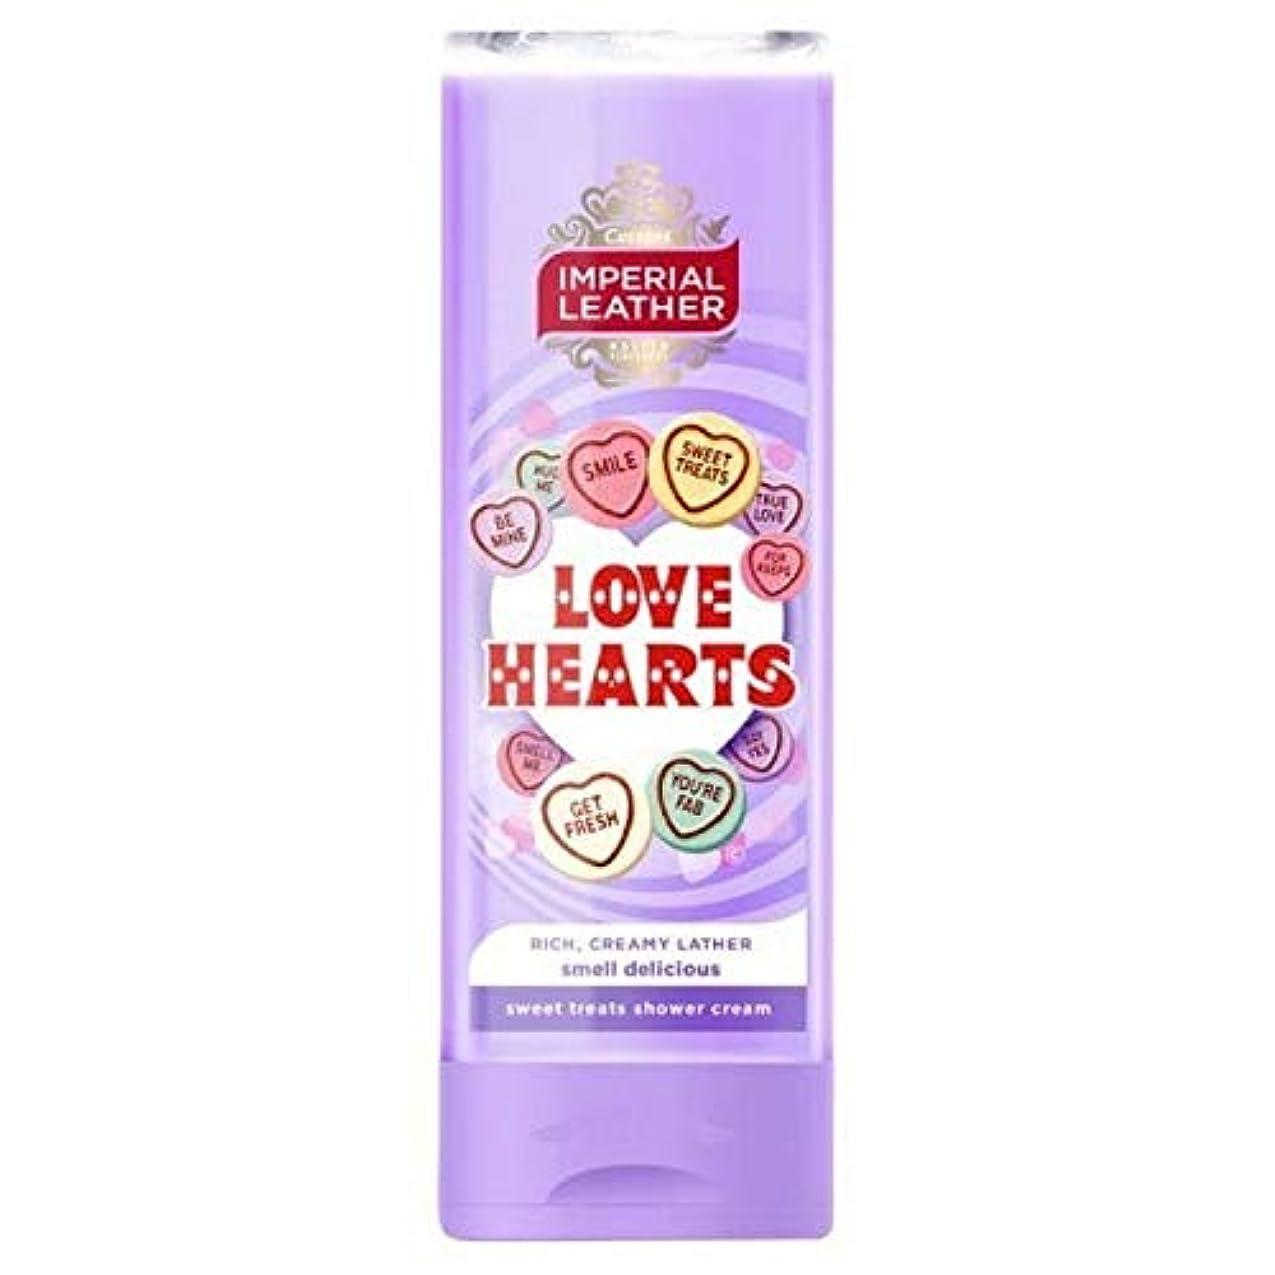 役立つトン褒賞[Imperial Leather ] 帝国革の愛の心シャワージェル250ミリリットル - Imperial Leather Love Hearts Shower Gel 250ml [並行輸入品]